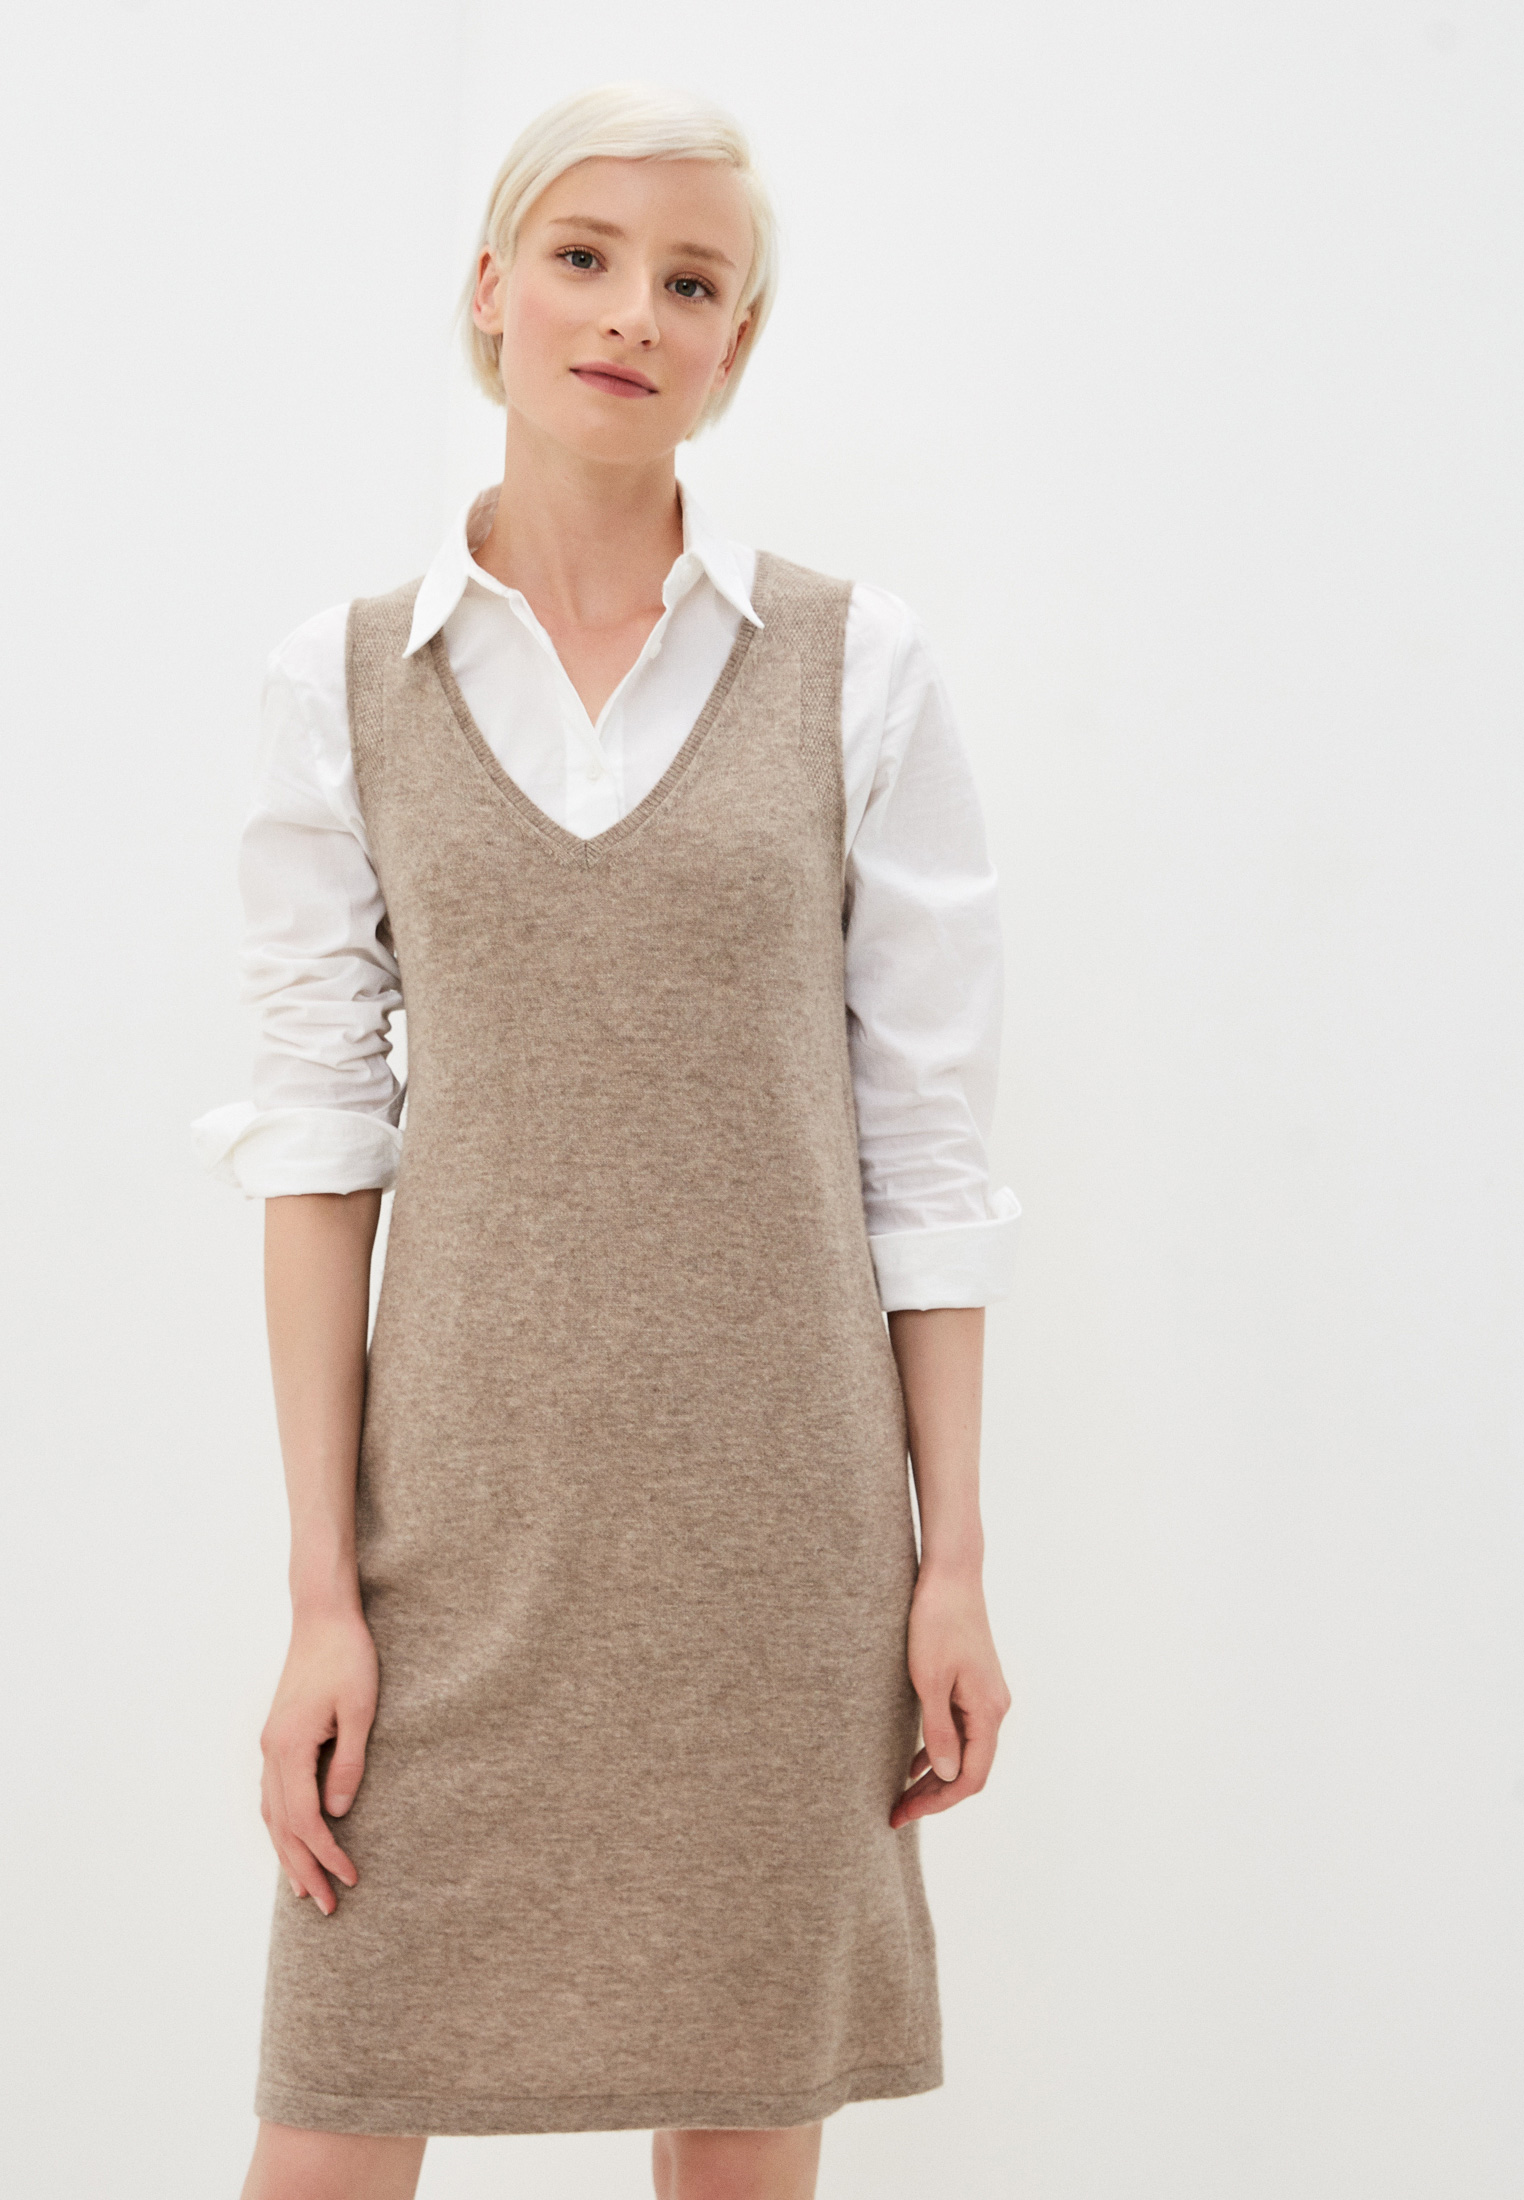 Вязаное платье GERARD DAREL Платье Gerard Darel